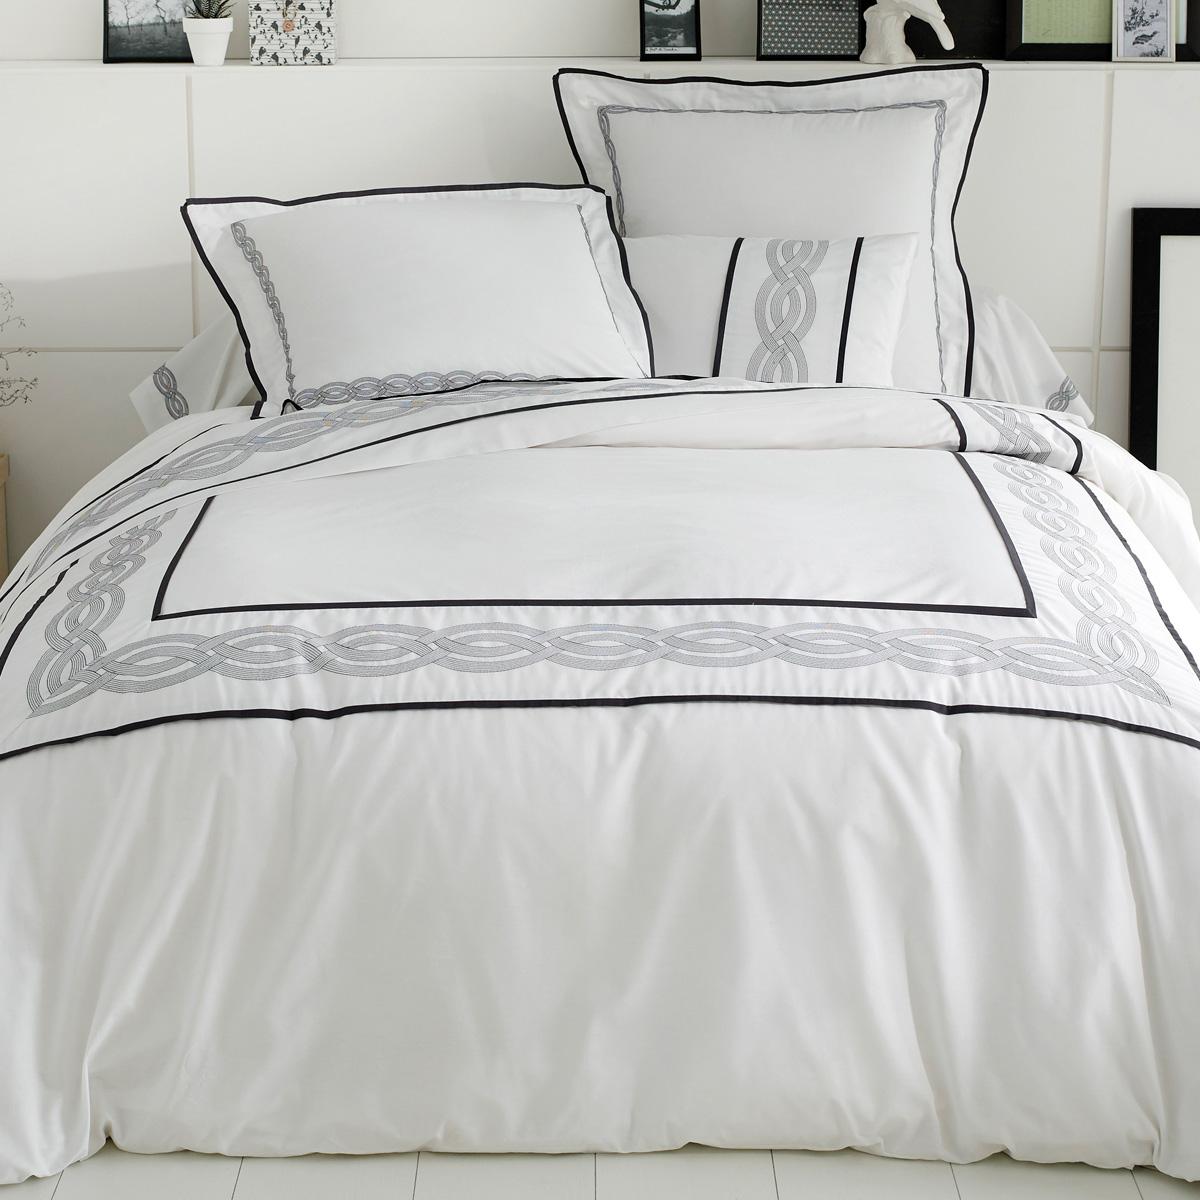 linge des vosges linge de lit Parure Amadeus | Parure de lit 2 personnes | Tradition des Vosges linge des vosges linge de lit